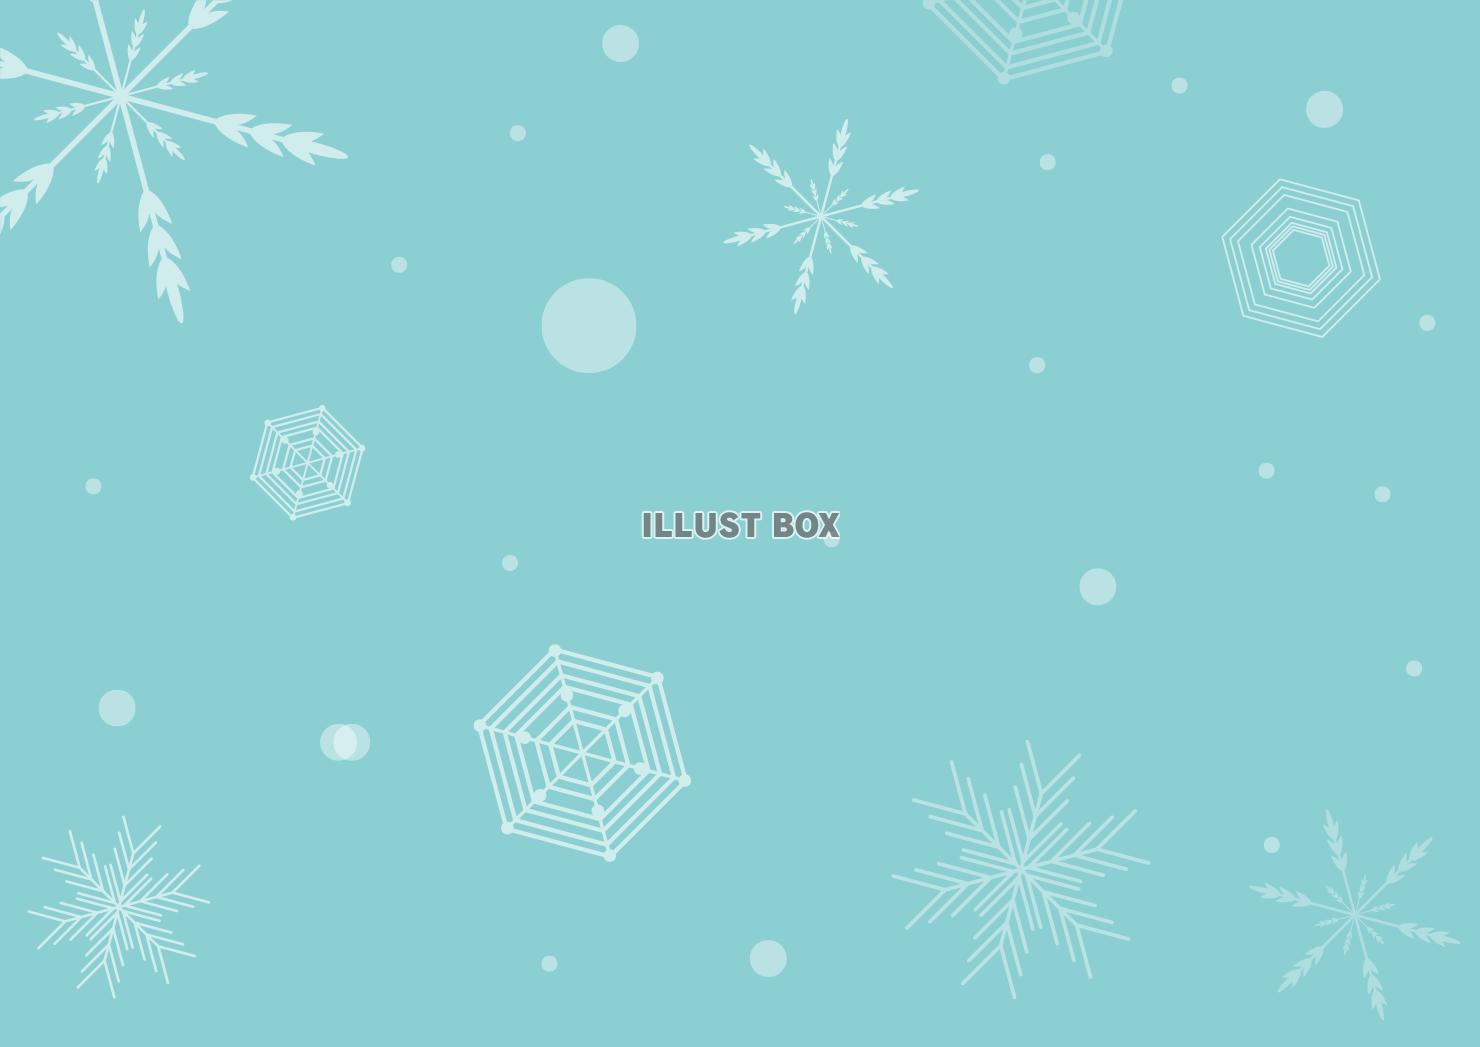 無料イラスト 雪の結晶背景a